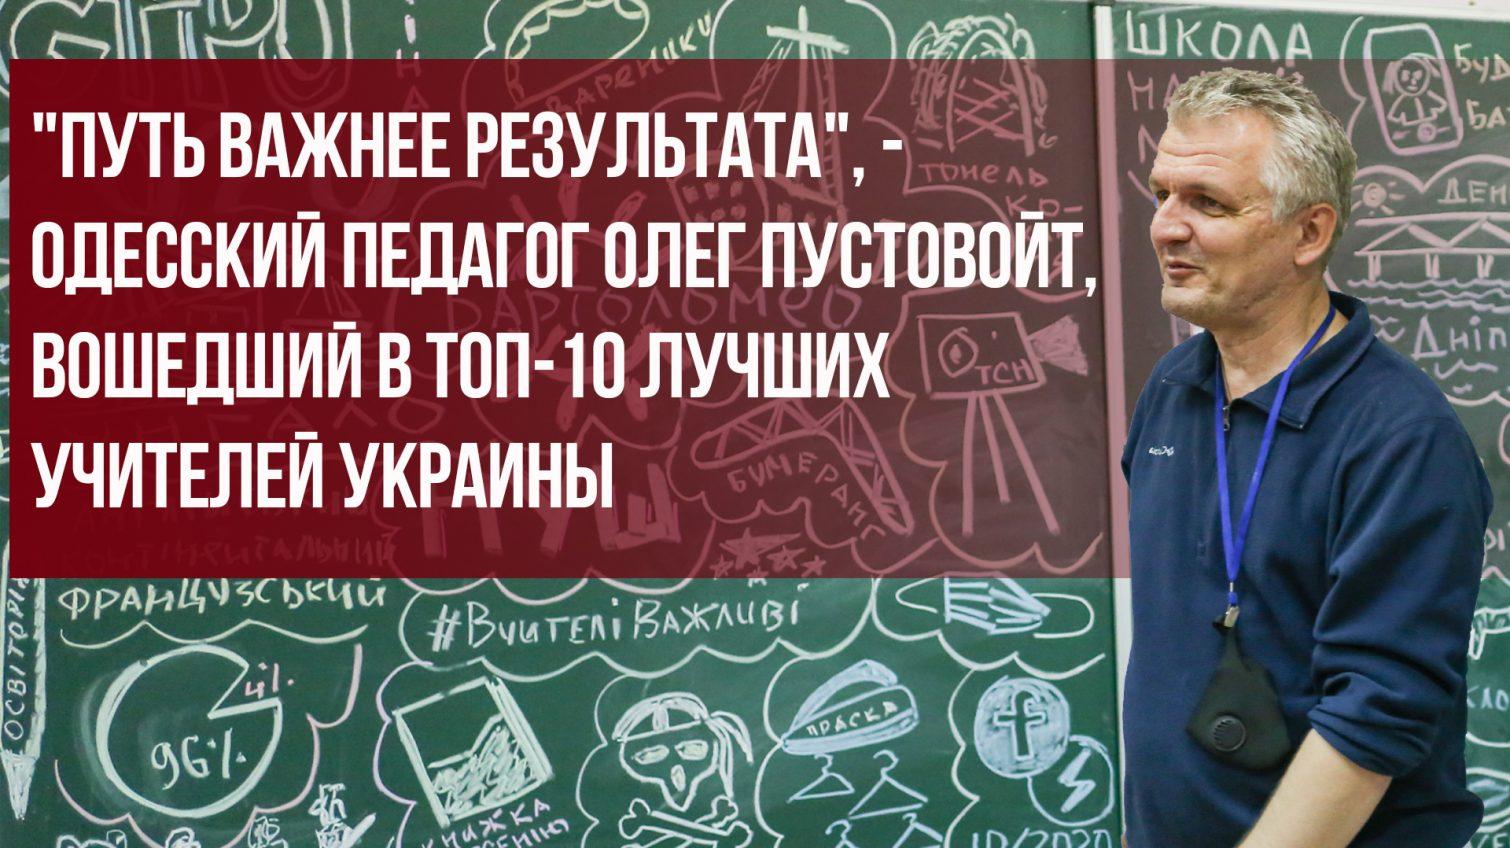 «Путь важнее результата», – одесский педагог Олег Пустовойт, вошедший в топ-10 лучших учителей Украины (фото, видео) «фото»